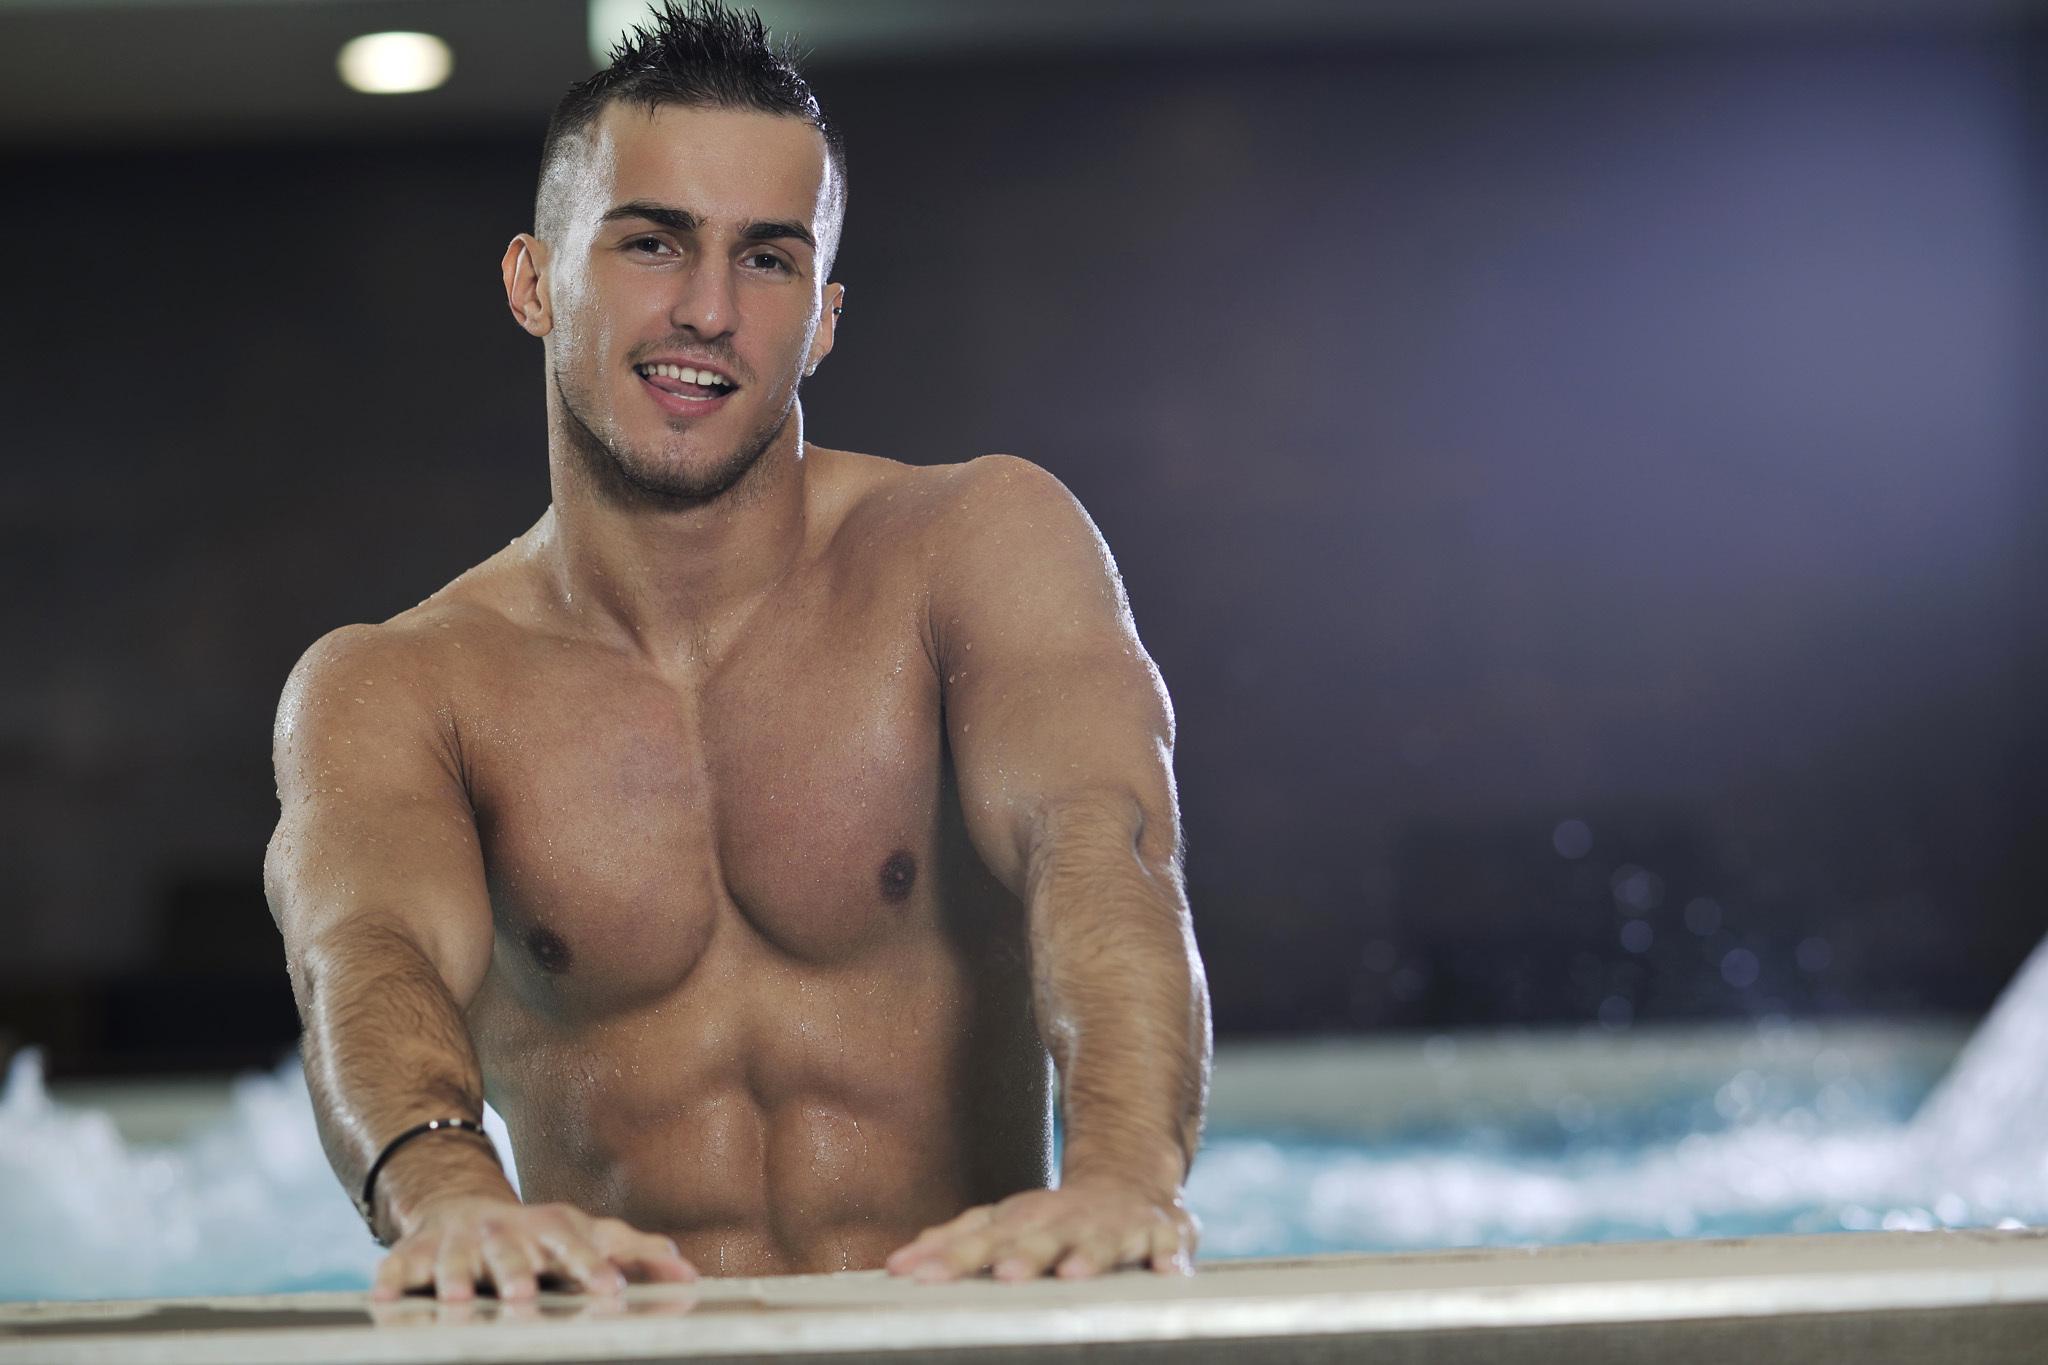 Фото красивый парень в бассейне 22 фотография